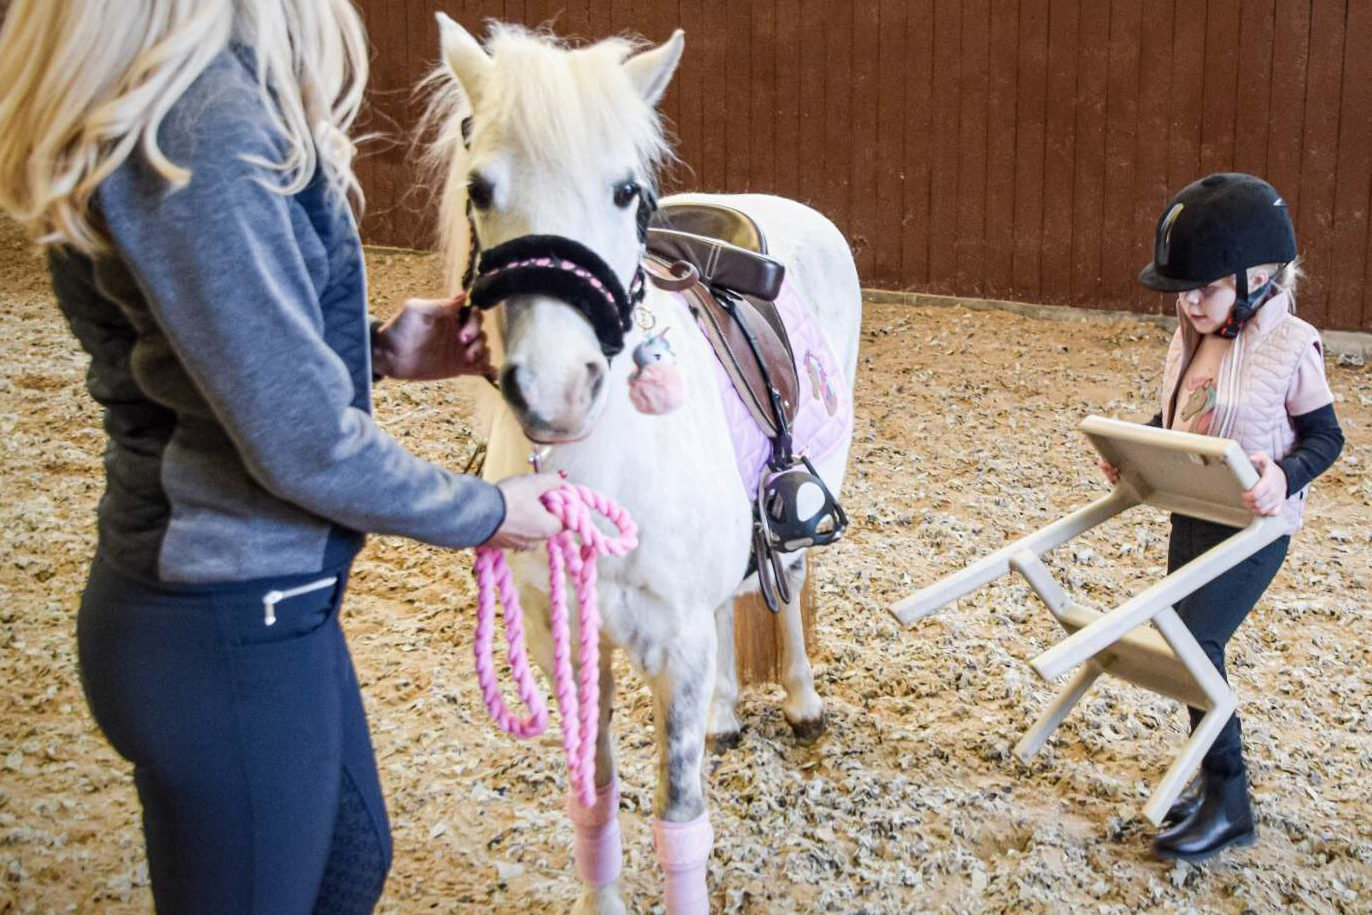 Barn bærer skammel hen til sin pony, imens en forælder holder ponyen